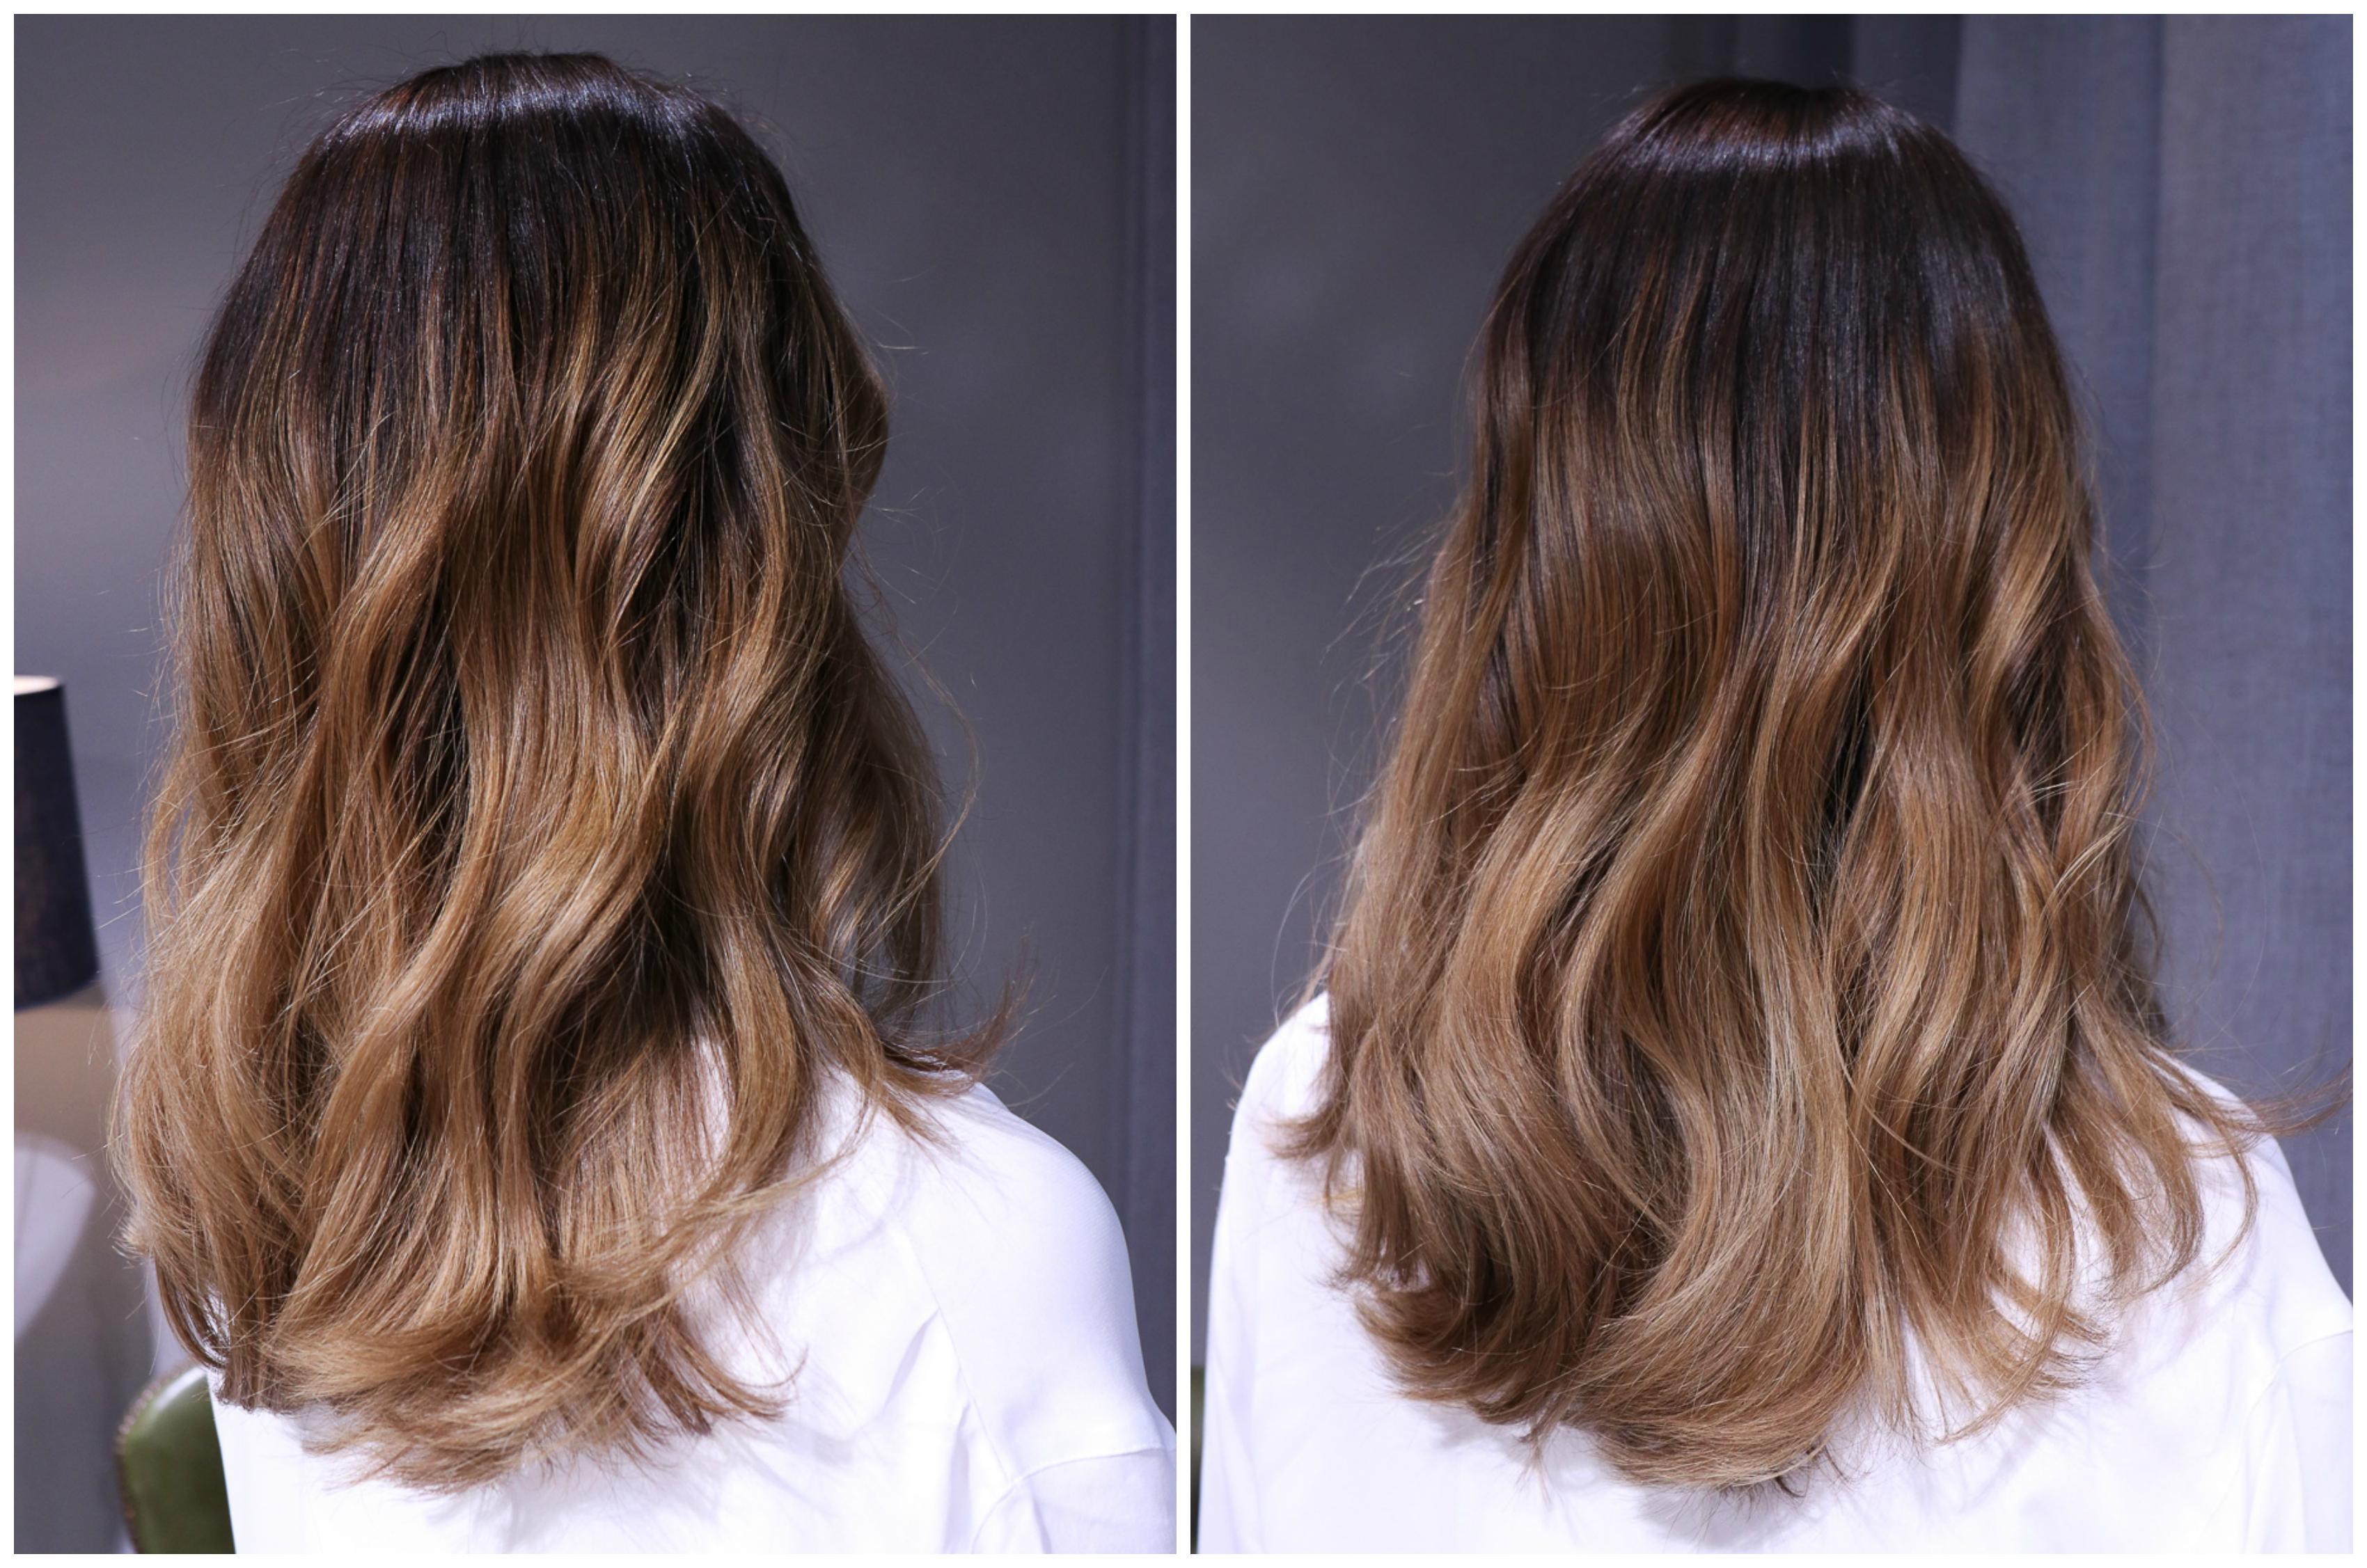 klippning mellanlångt hår